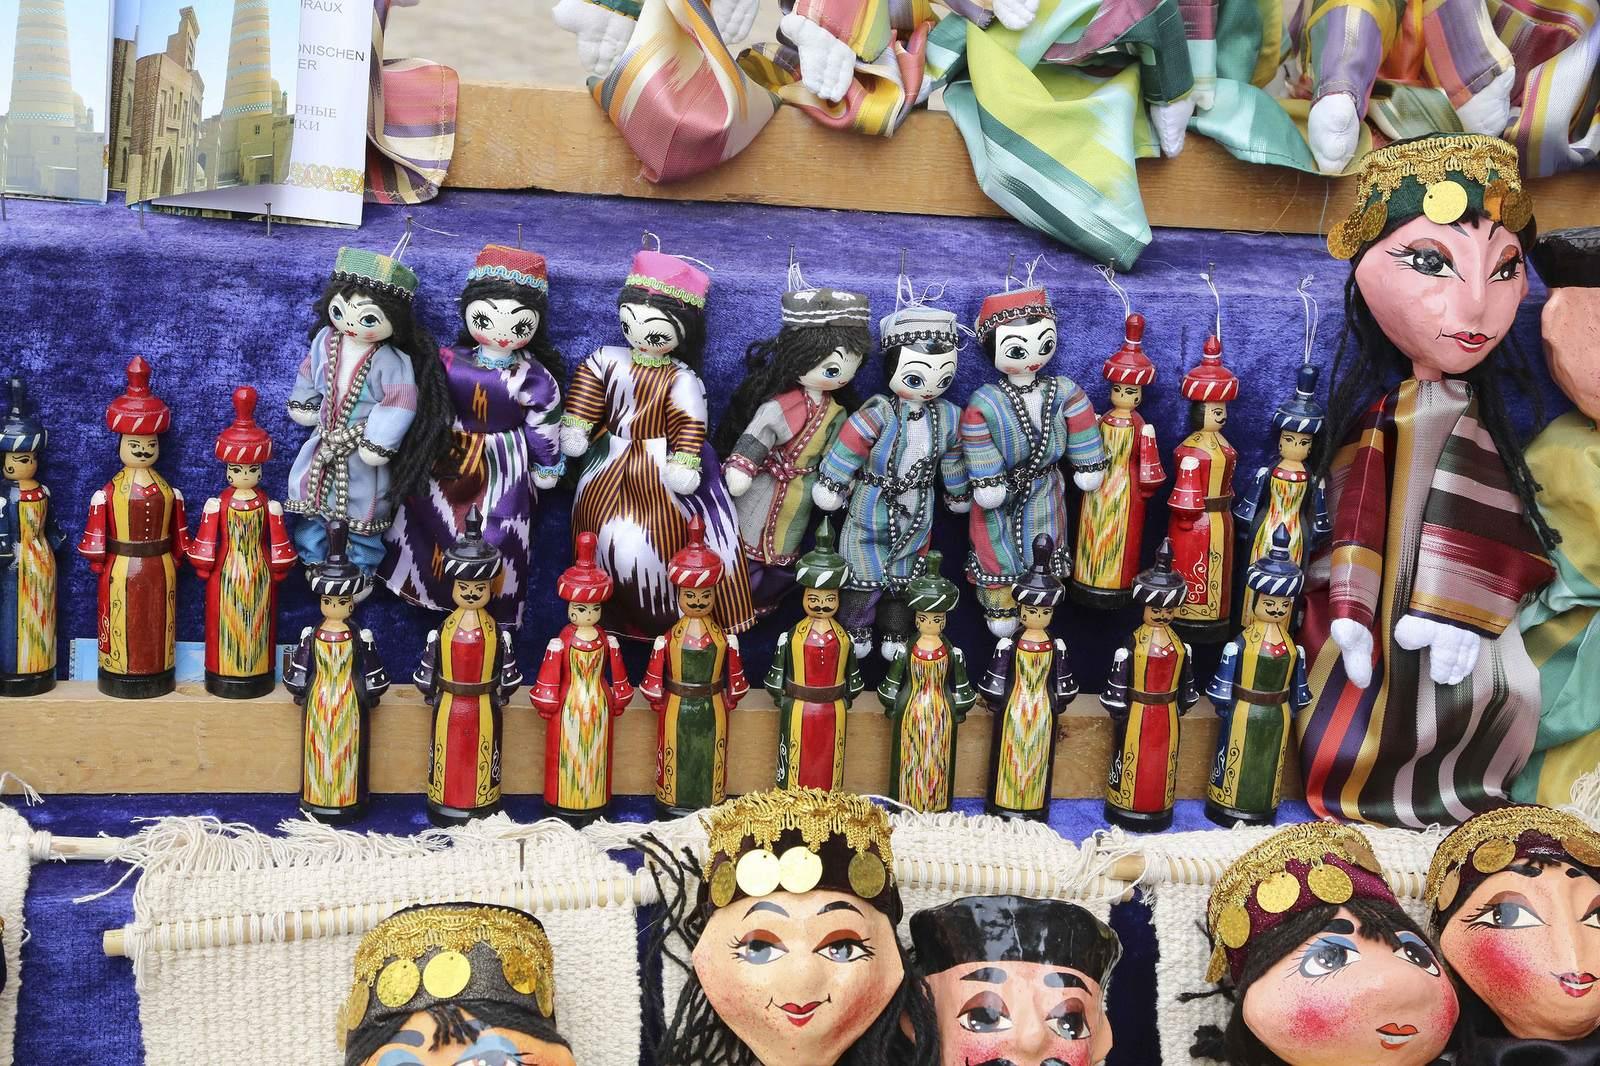 uzbekistan13 Uzbekistan   Travel to Central Asia